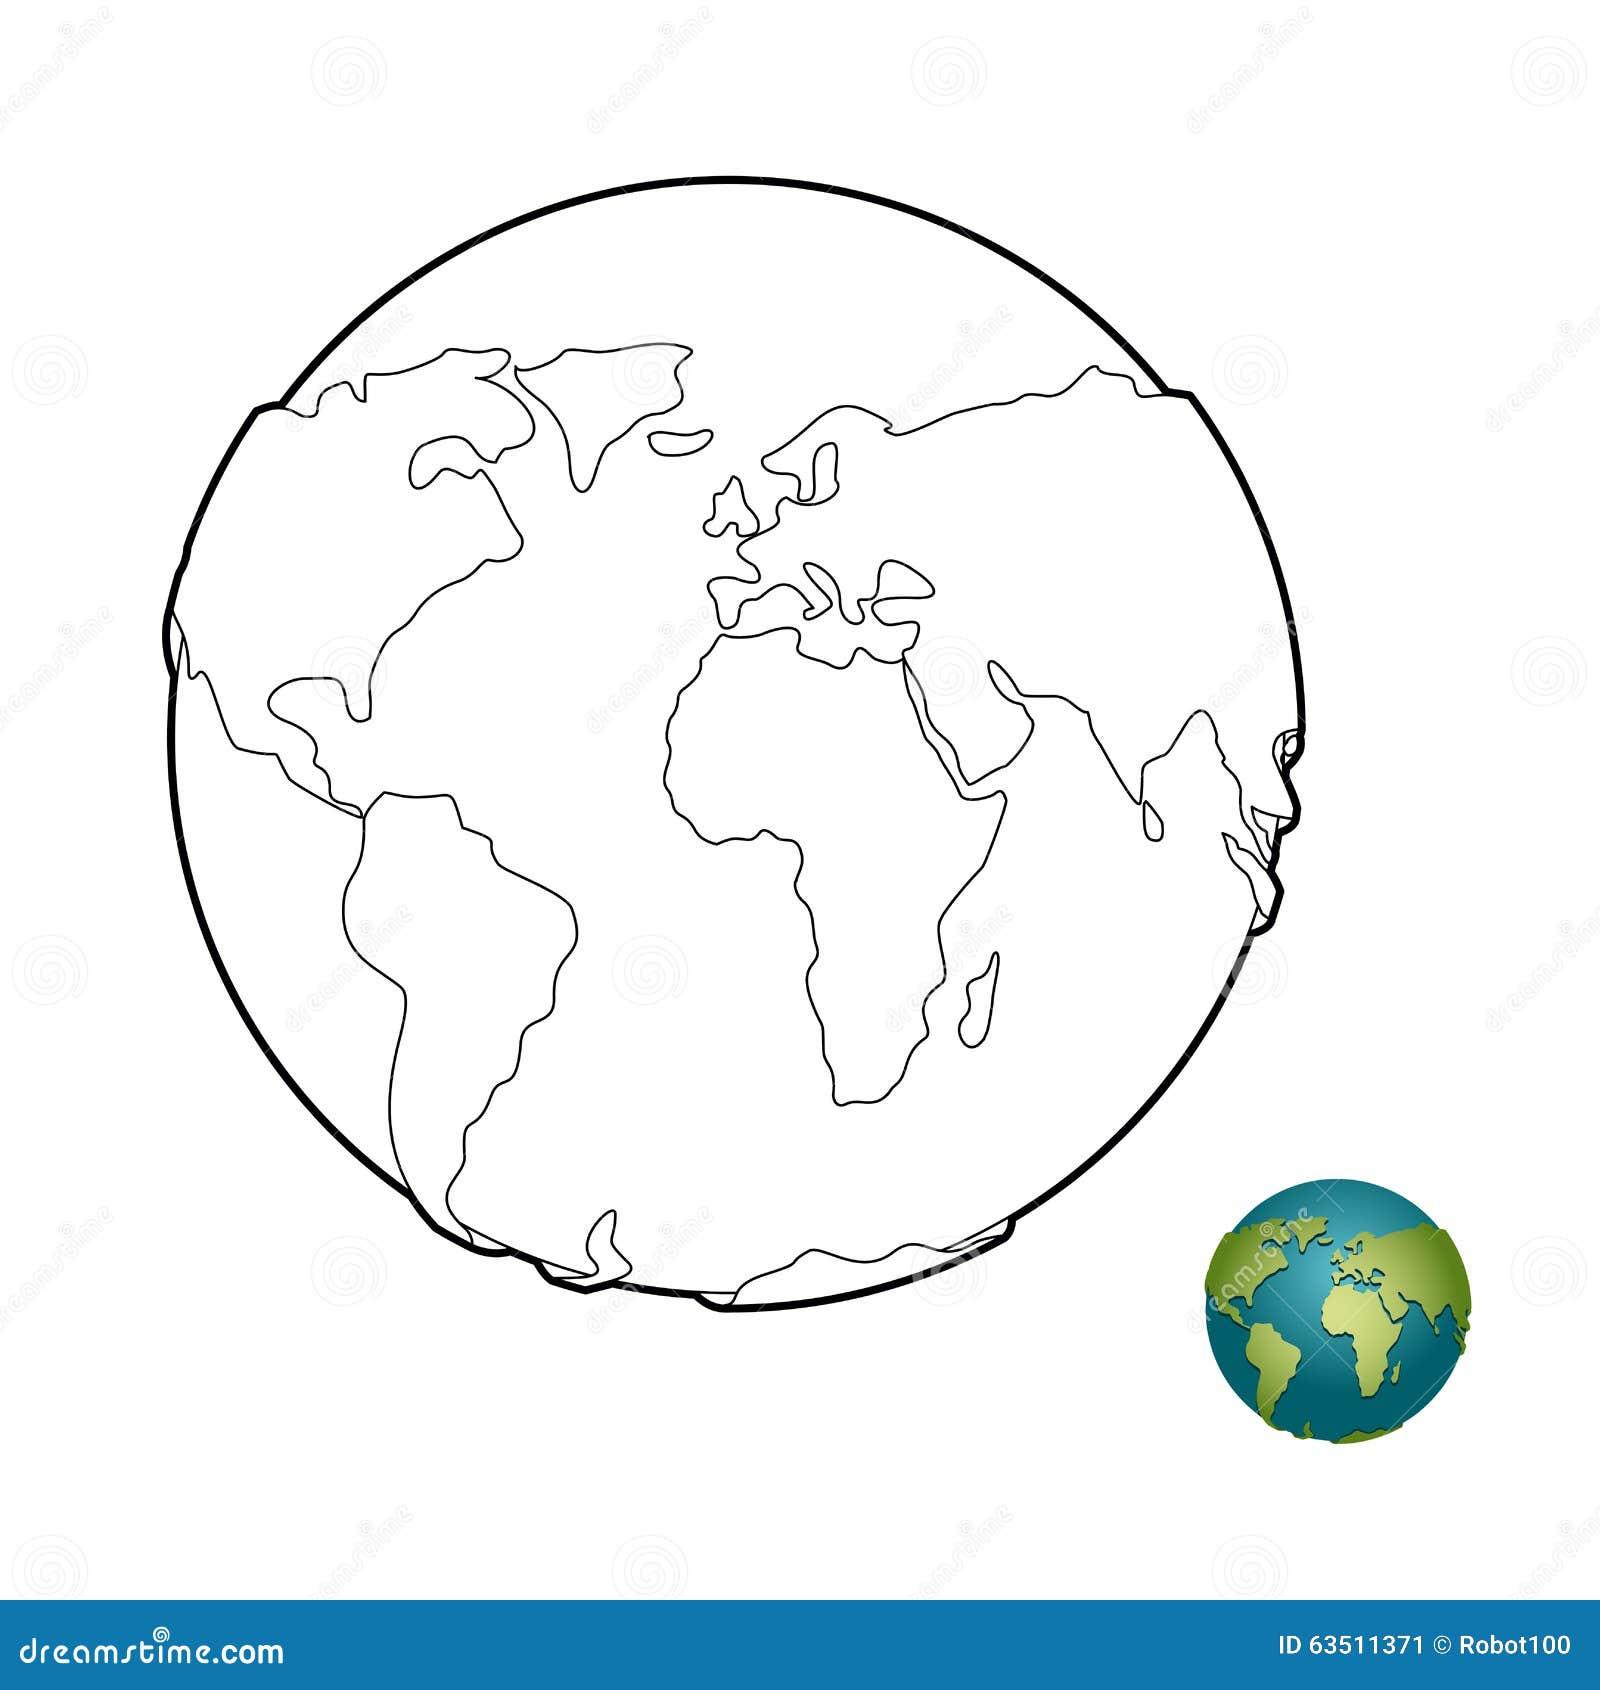 livre de coloriage de la terre corps merveilleux plan te avec des continents globe image stock. Black Bedroom Furniture Sets. Home Design Ideas